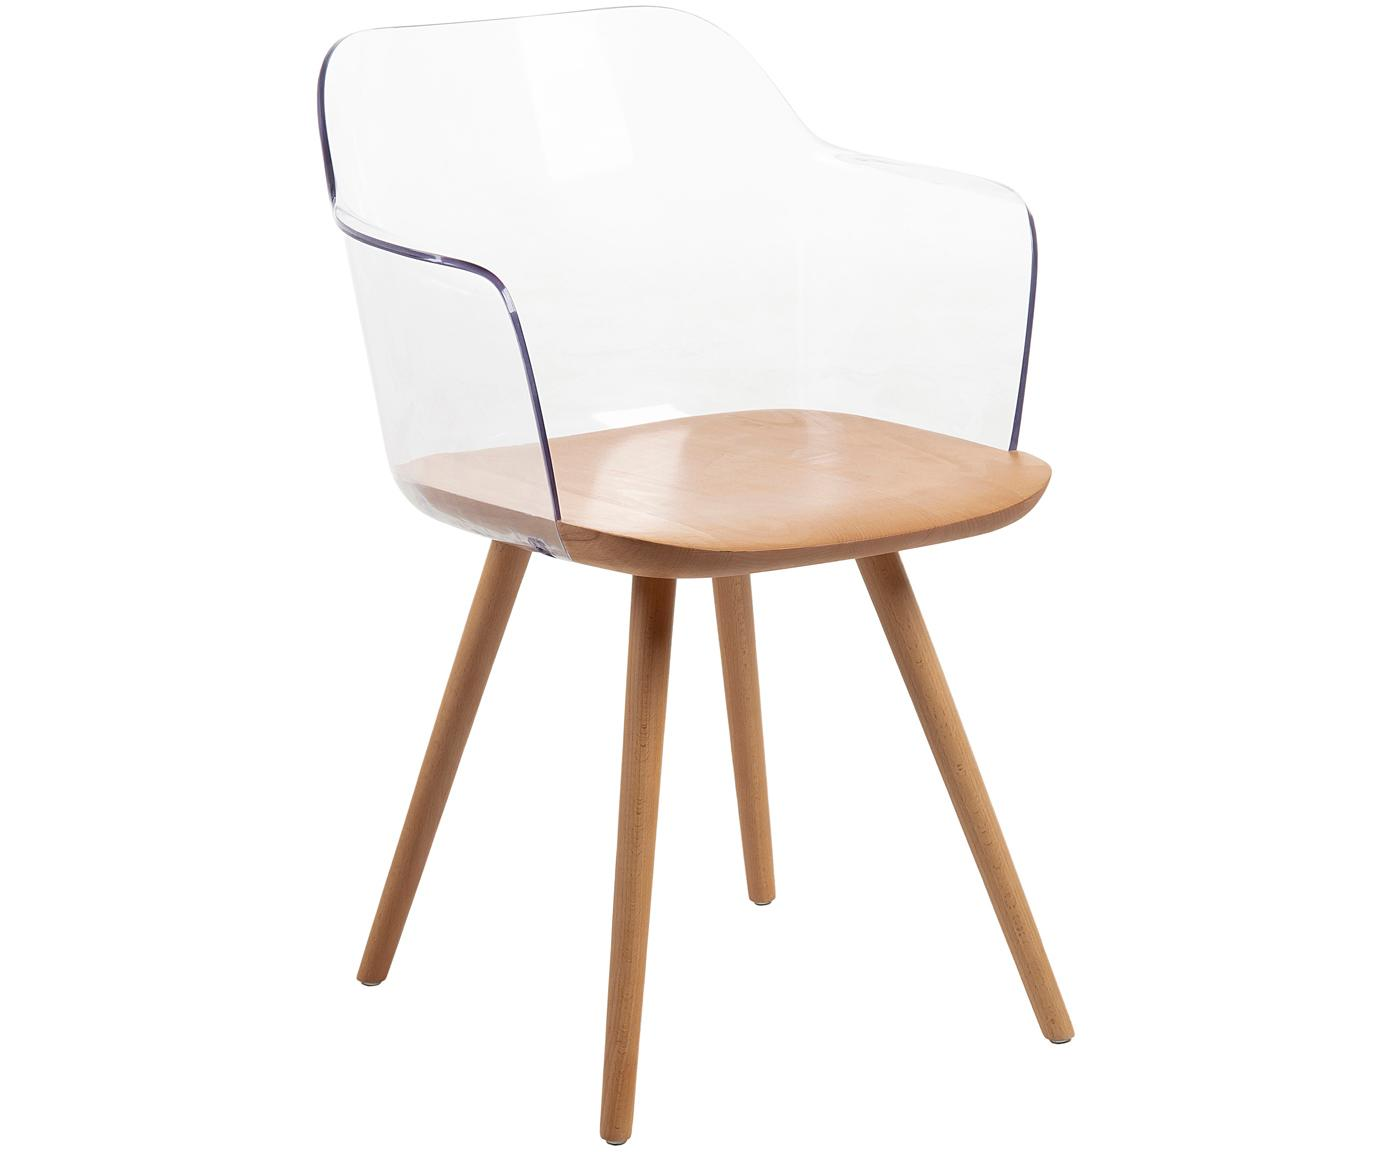 Krzesło z podłokietnikami Bjorg, 2 szt., Transparentny, drewno bukowe, S 56 x G 56 cm